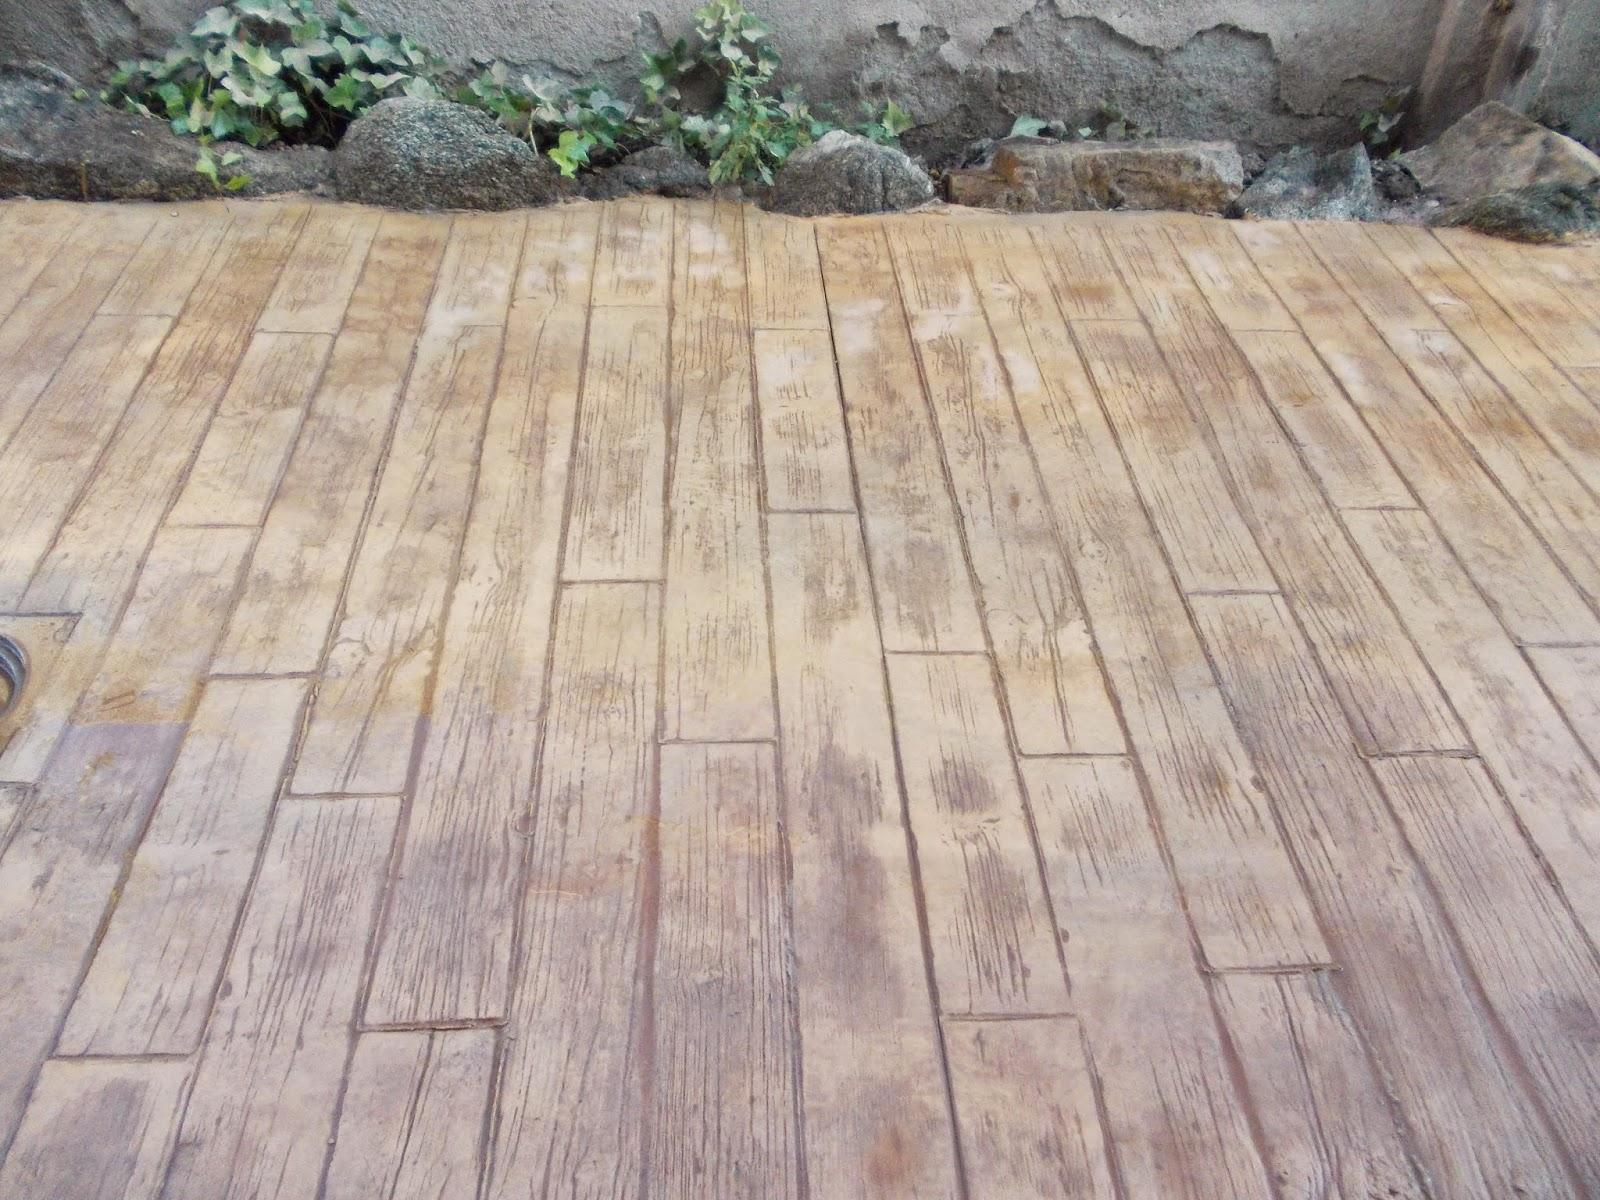 Pavimento Continuo De Hormig N Impreso En Guadamur